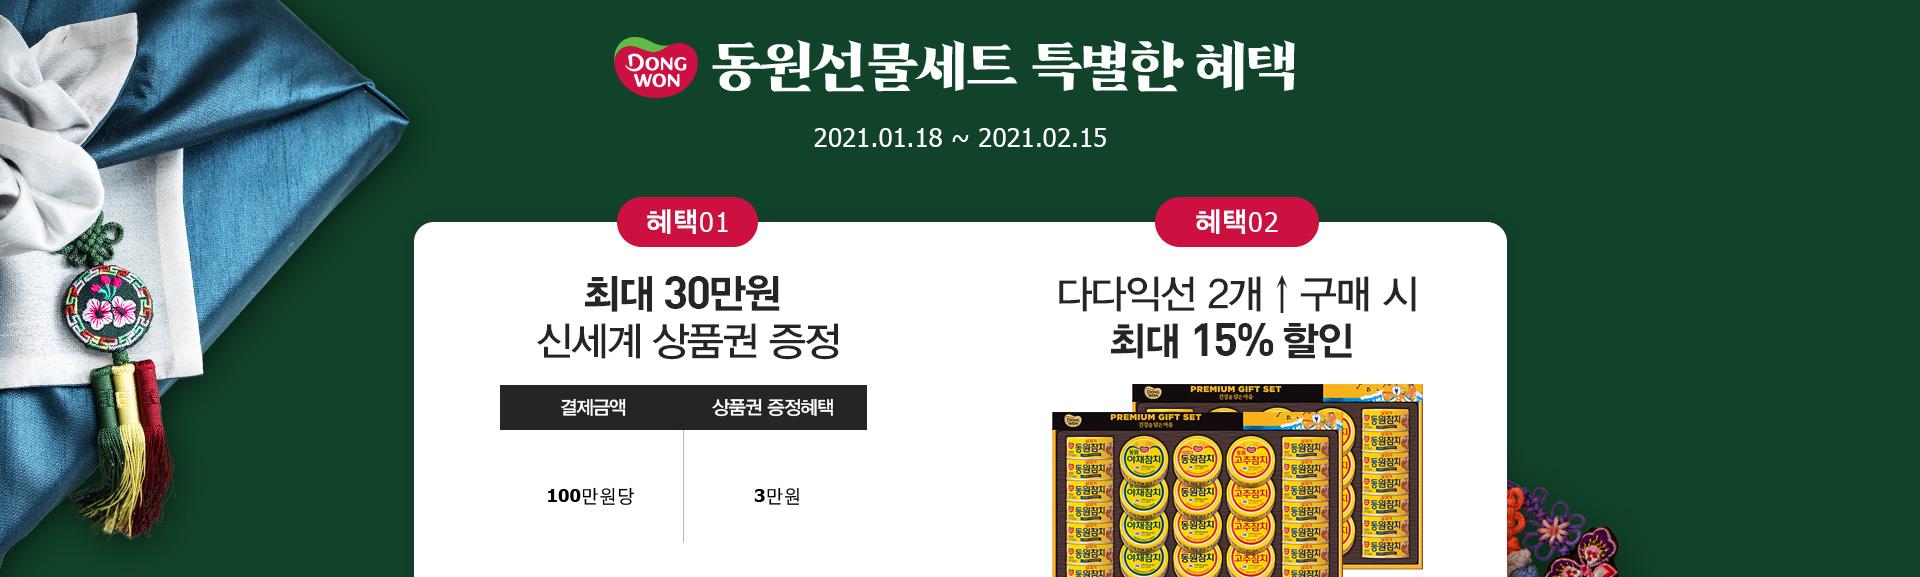 동원 선물세트 특별한 혜택 2019.12.23~2020.01.07